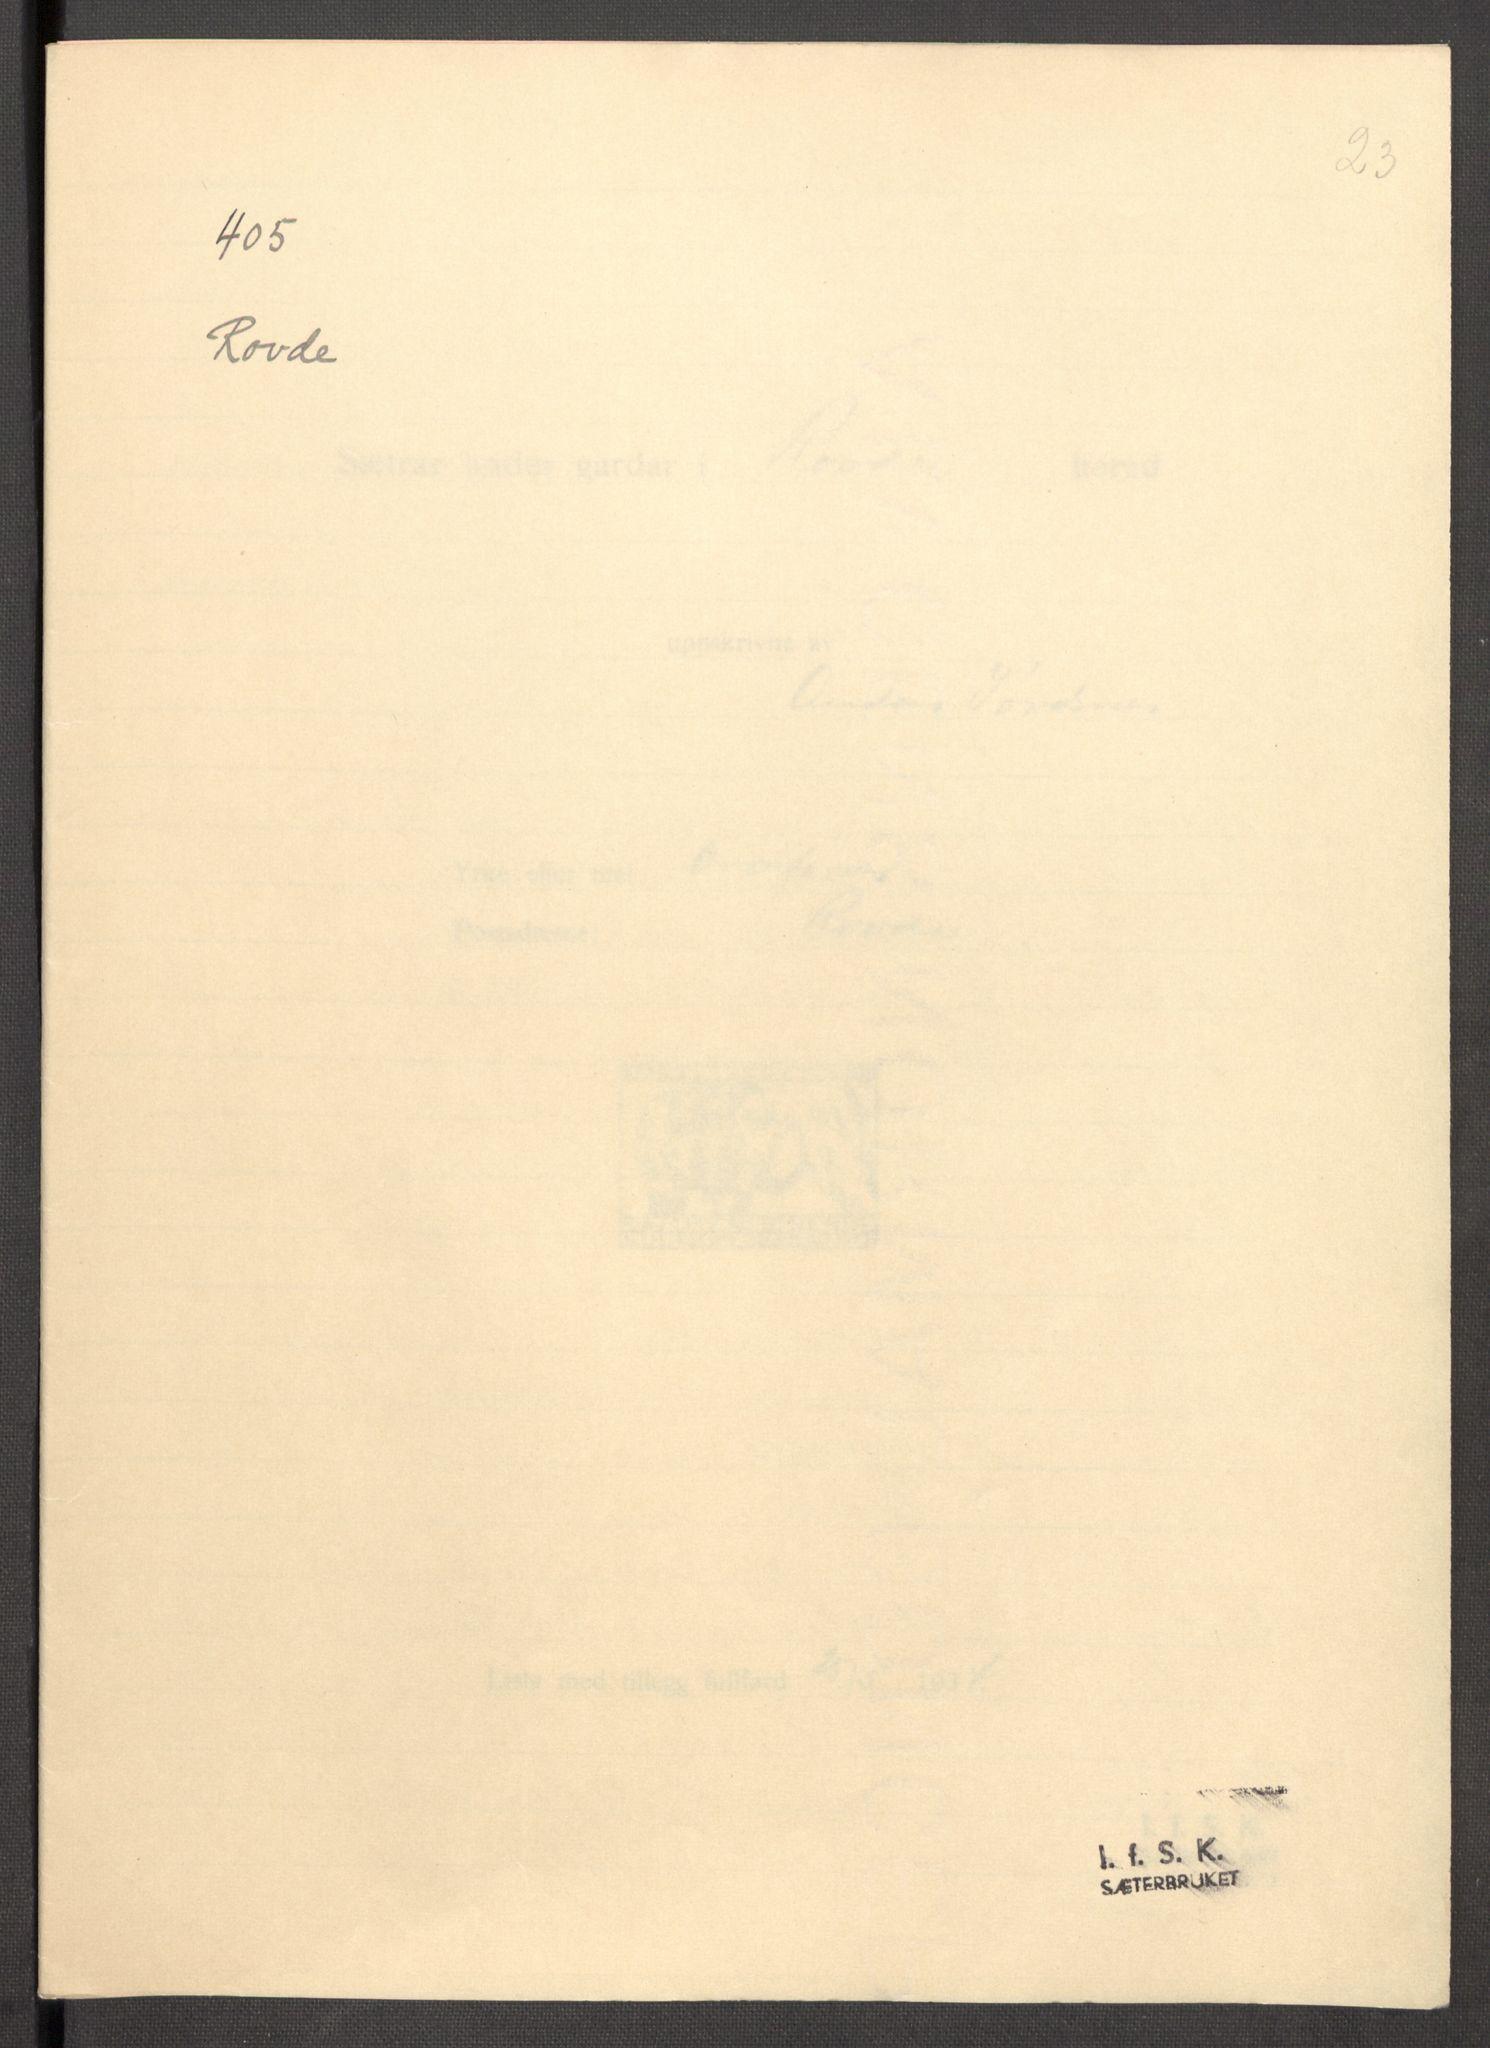 RA, Instituttet for sammenlignende kulturforskning, F/Fc/L0012: Eske B12:, 1934-1936, s. 23